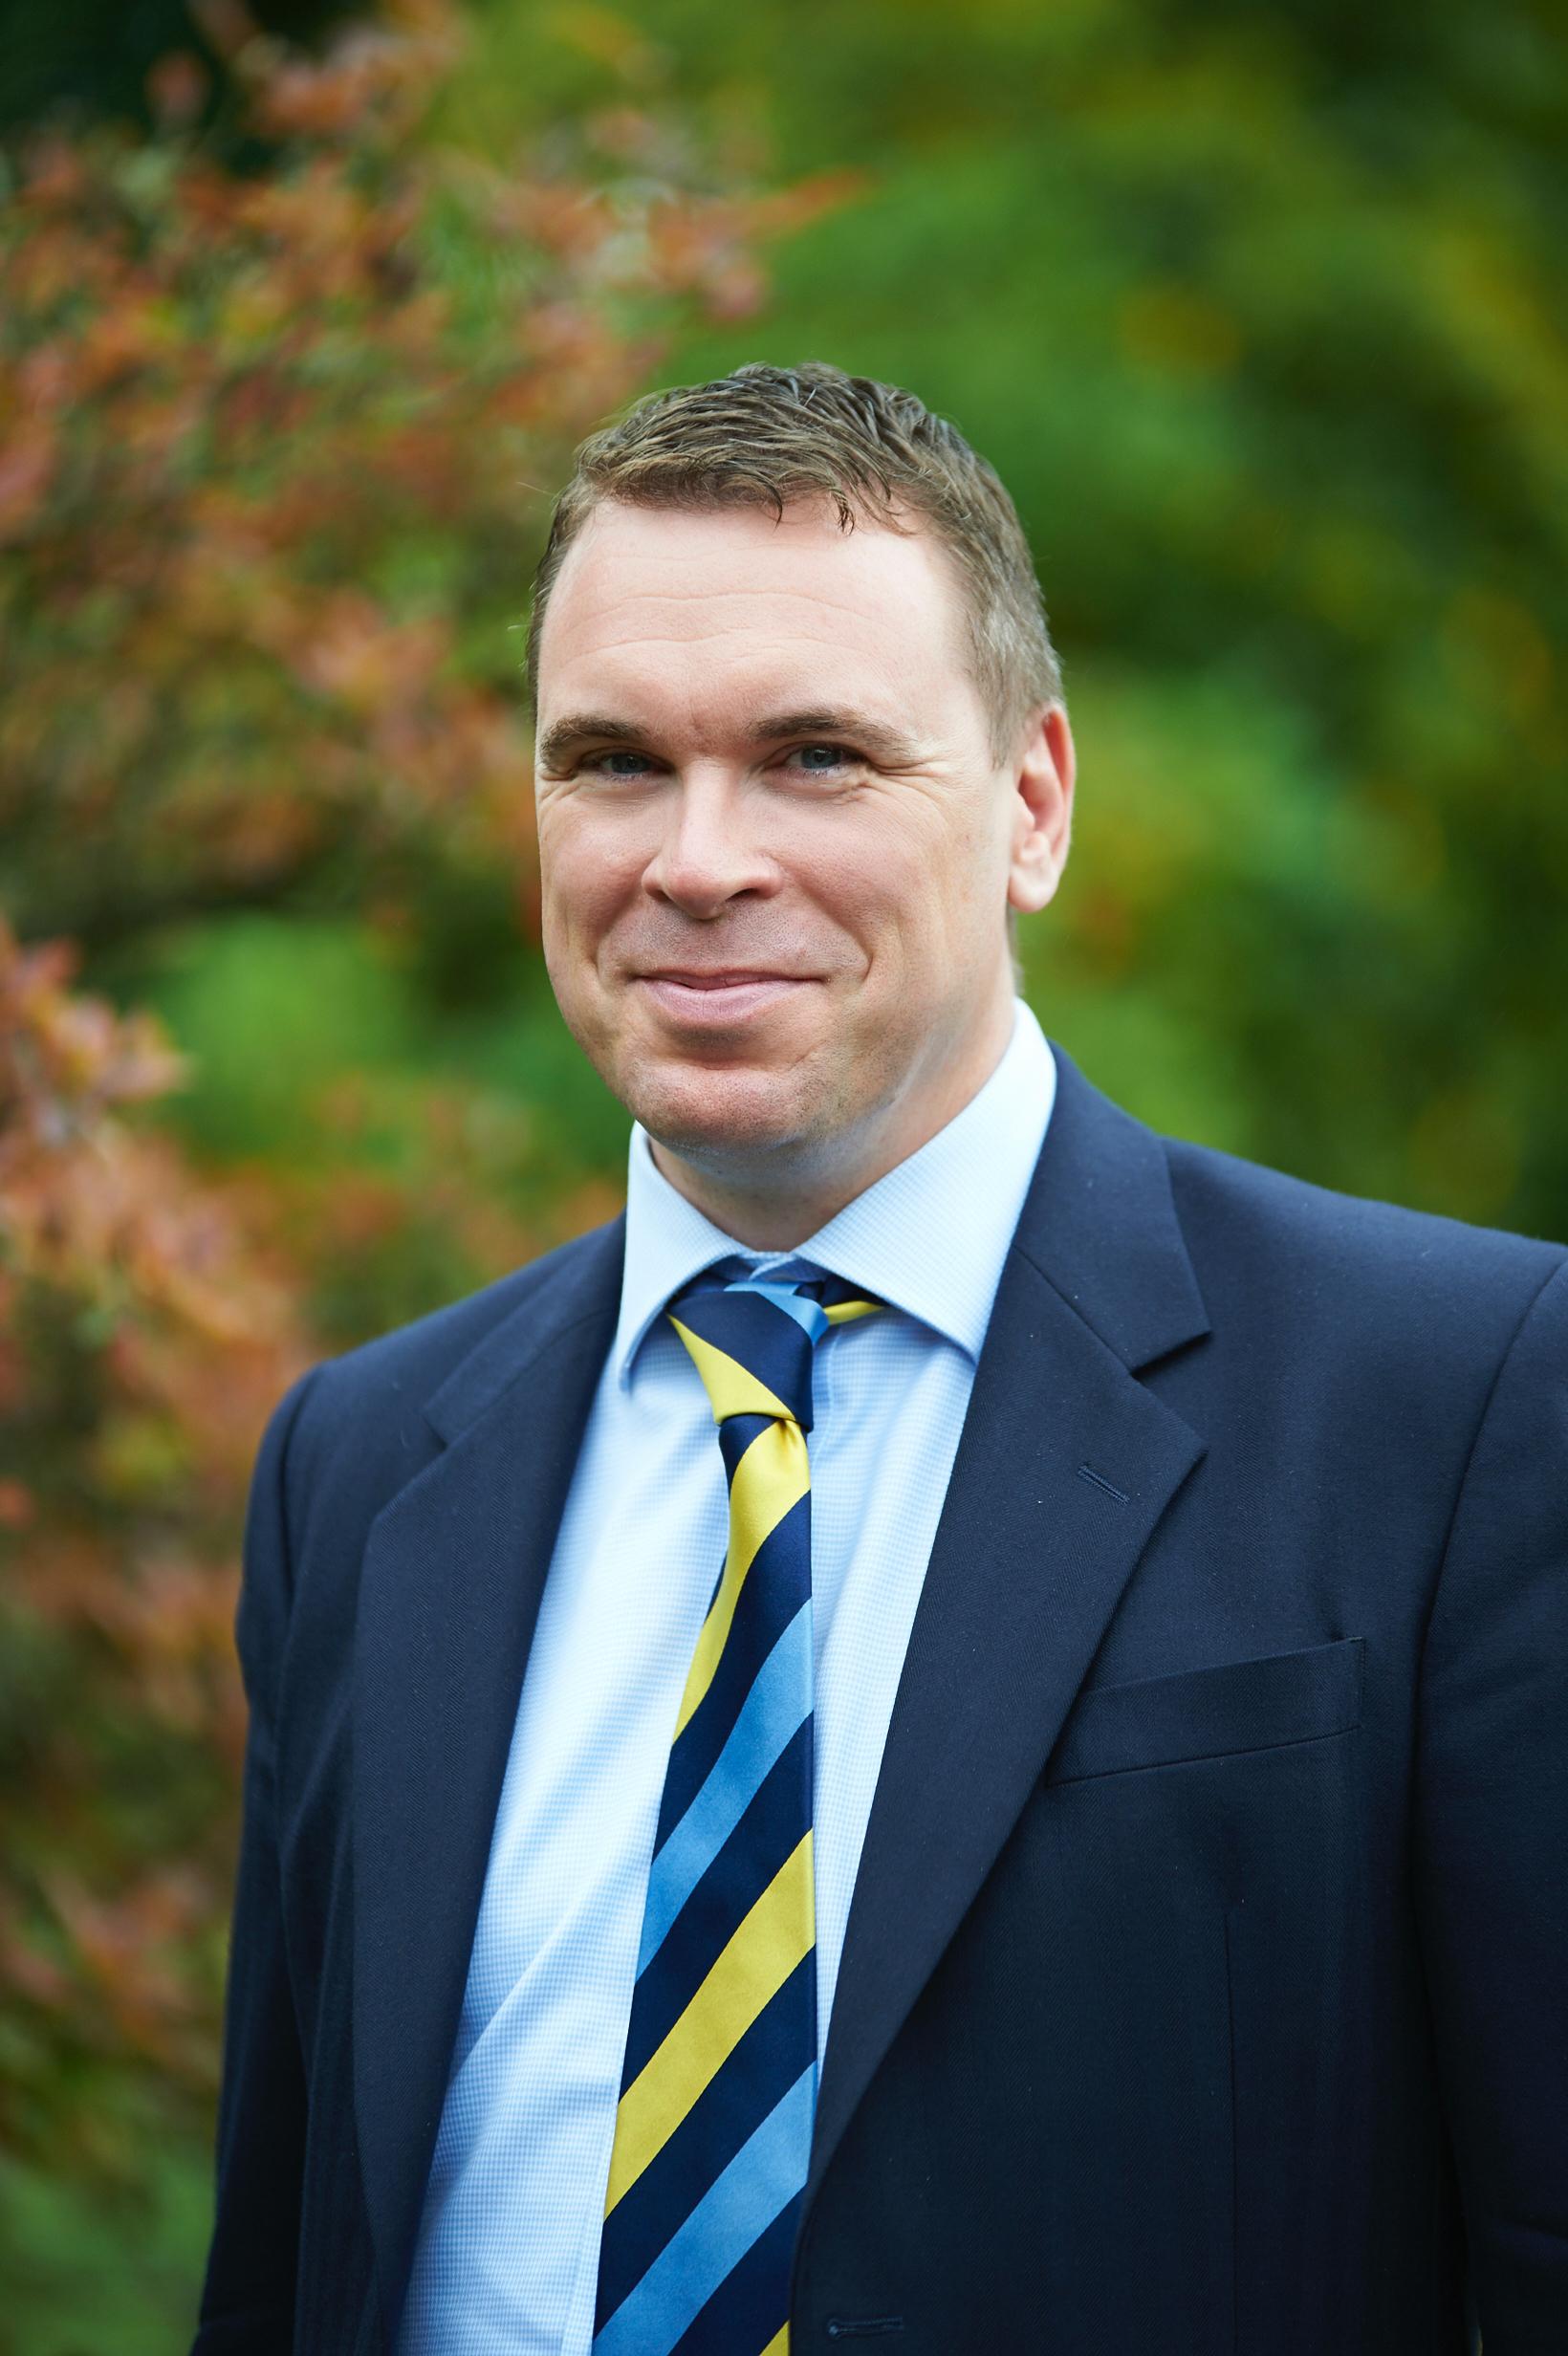 Steve Winter, Deputy Head